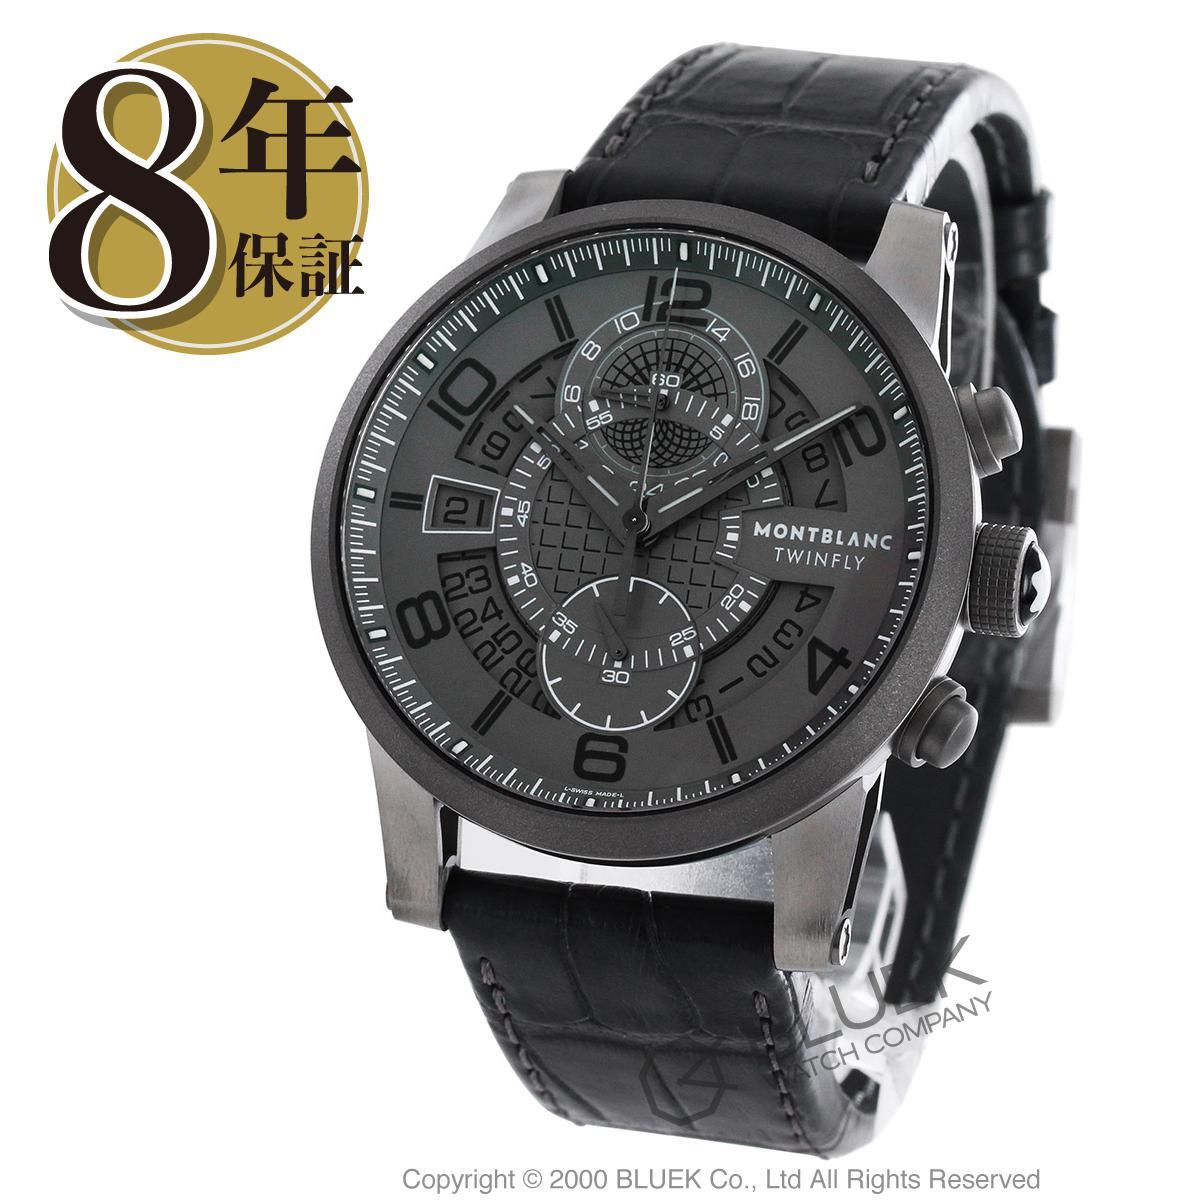 モンブラン タイムウォーカー ツインフライ クロノグラフ アリゲーターレザー 腕時計 メンズ MONTBLANC 107338_8